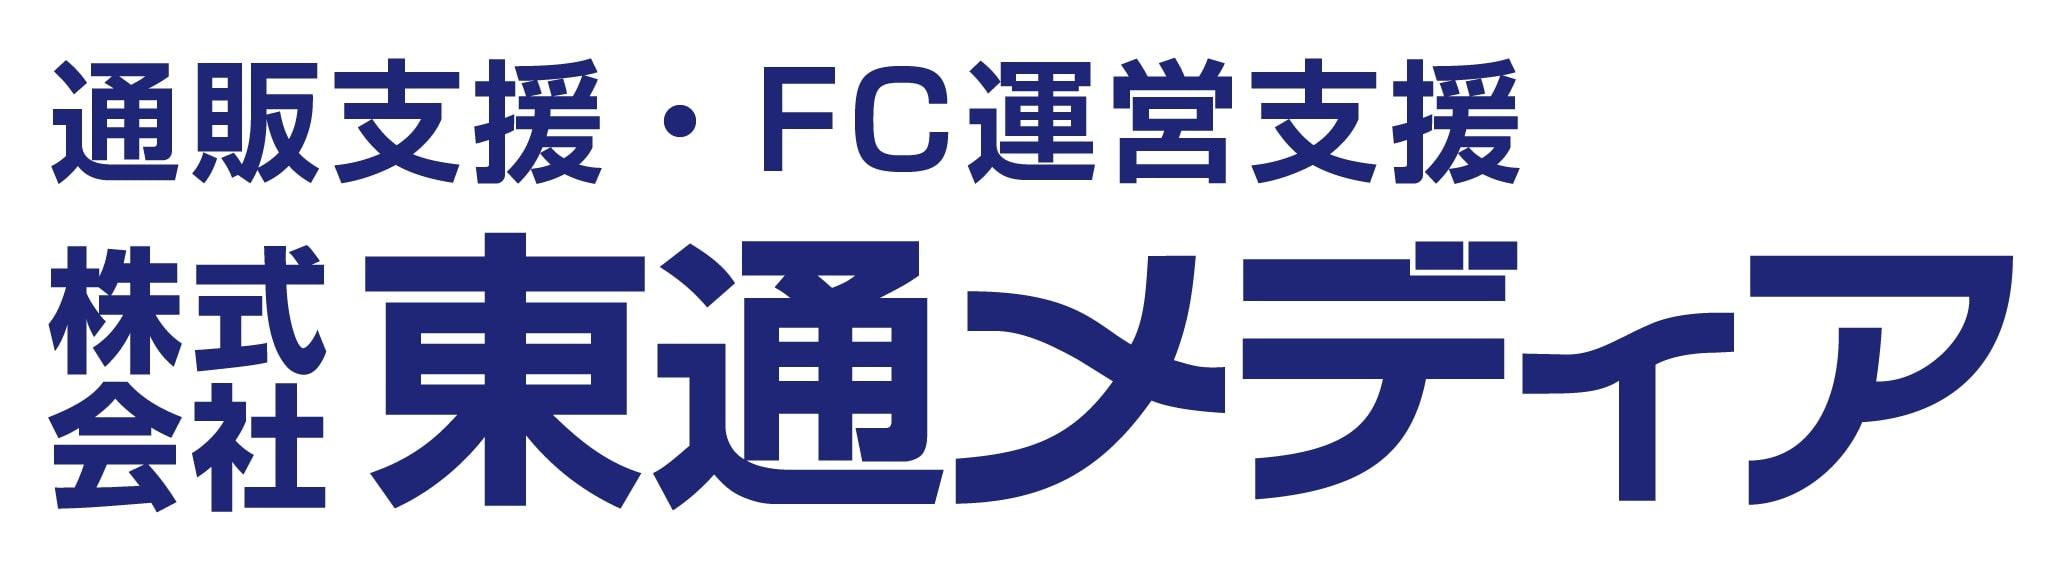 株式会社東通メディア